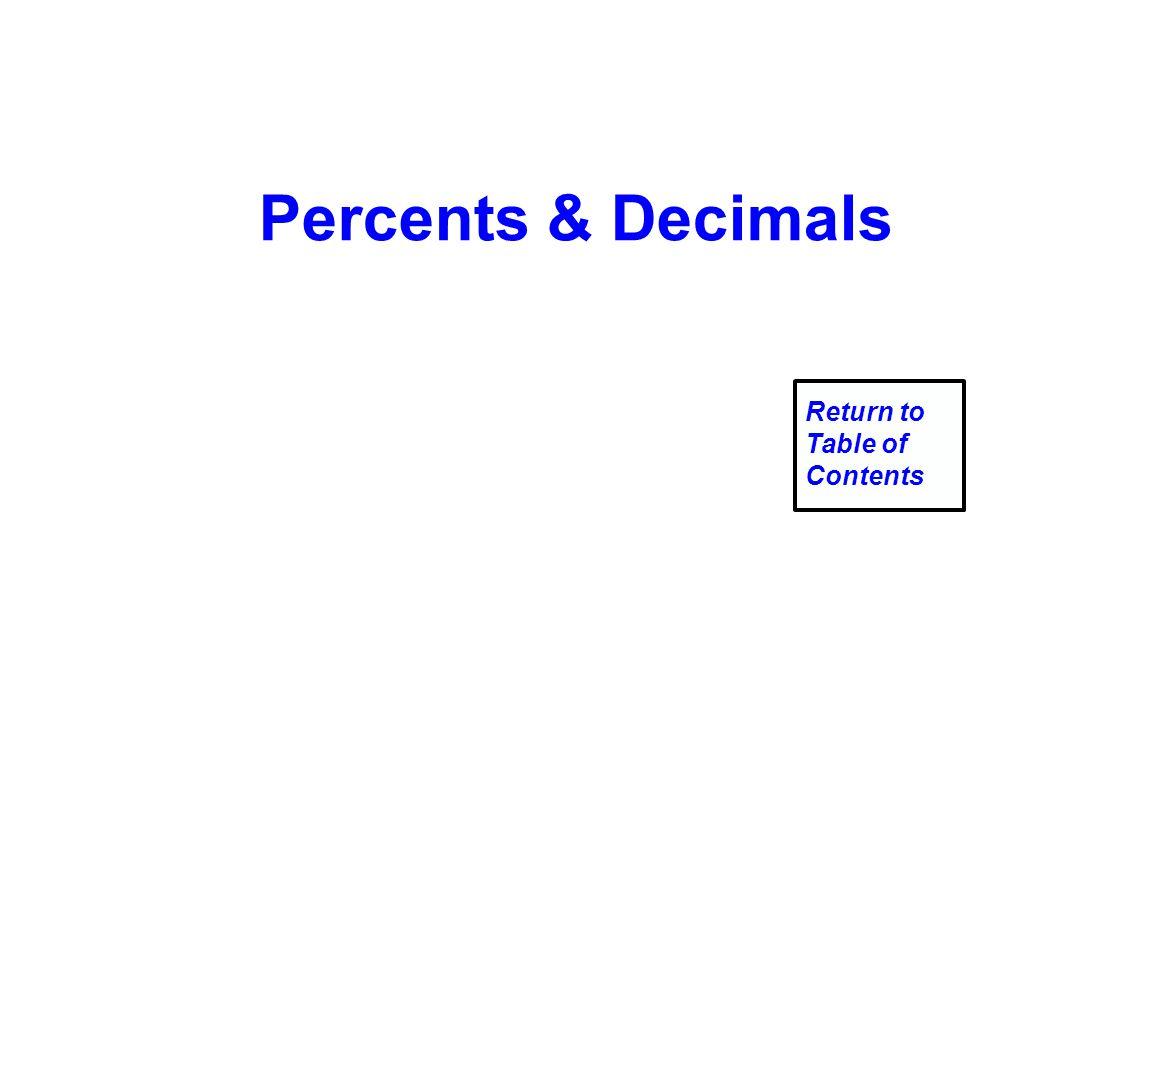 Percents & Decimals Return to Table of Contents